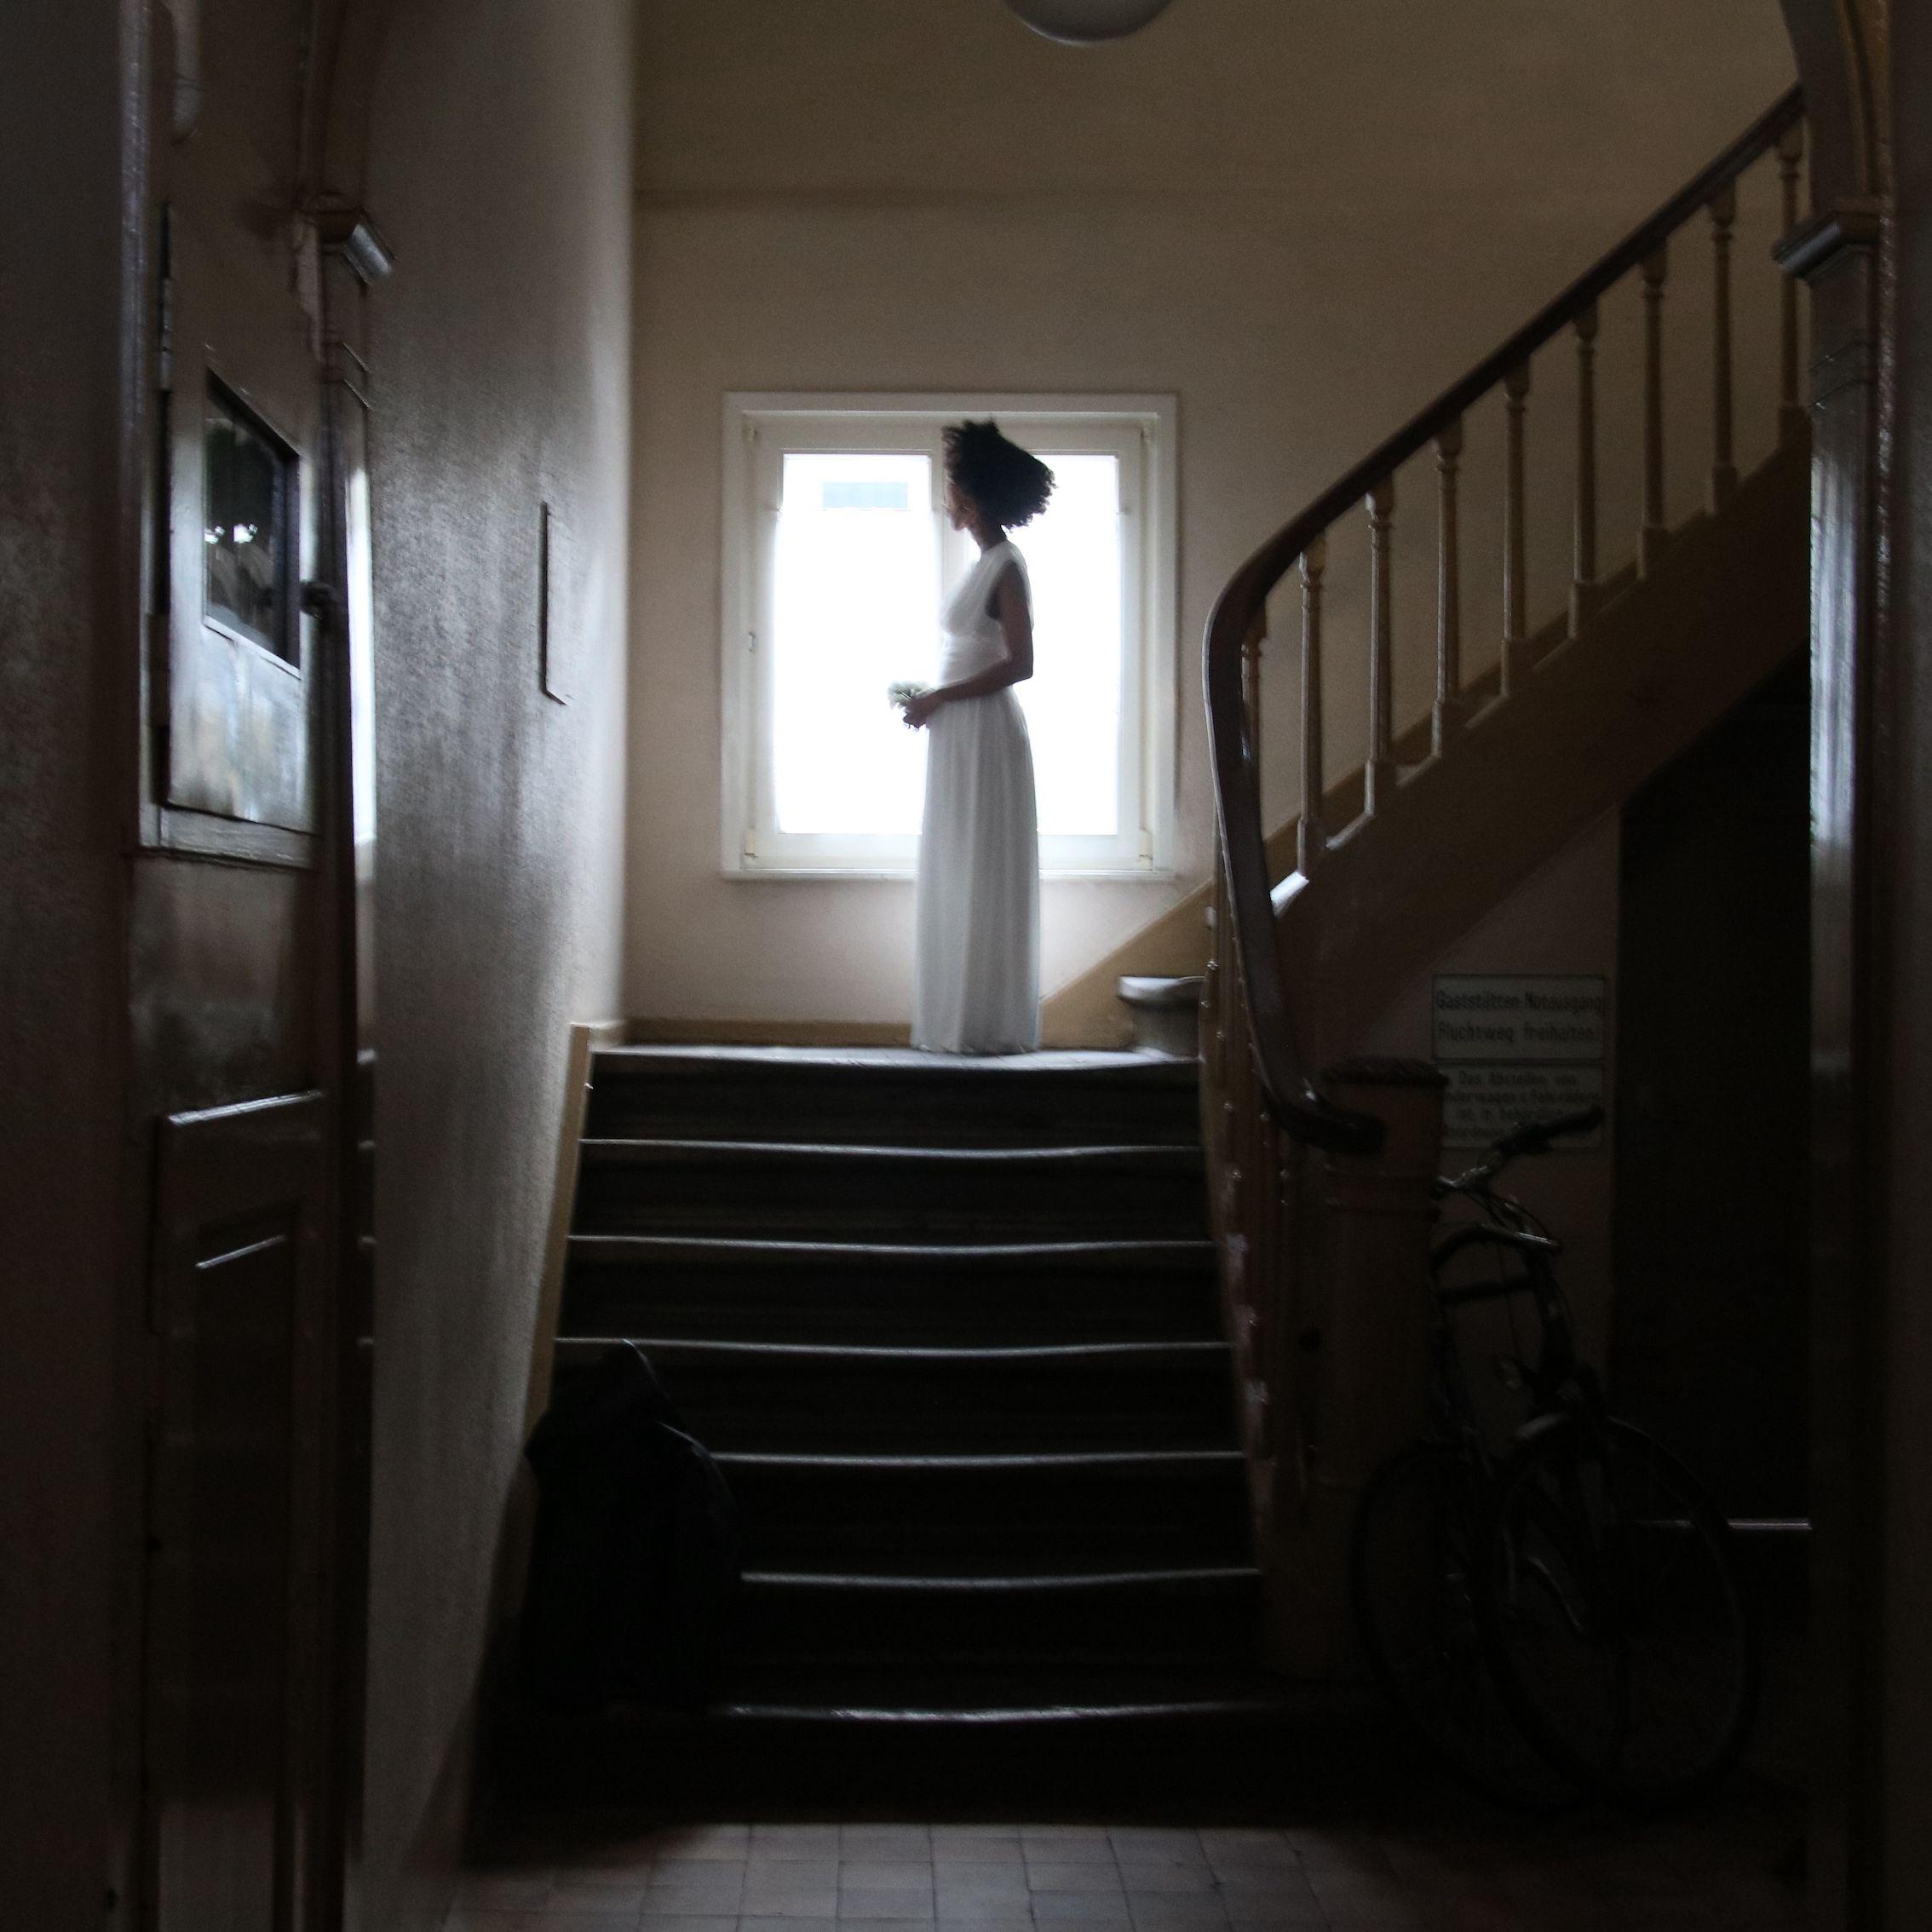 Eine Person steht weit hinten im Bild in einem langen weißen Kleid auf einem Treppenabsatz vor einem Fenster im Gegenlicht. Eine:r sieht sie von der Seite, ihre Arme sind gebeugt.